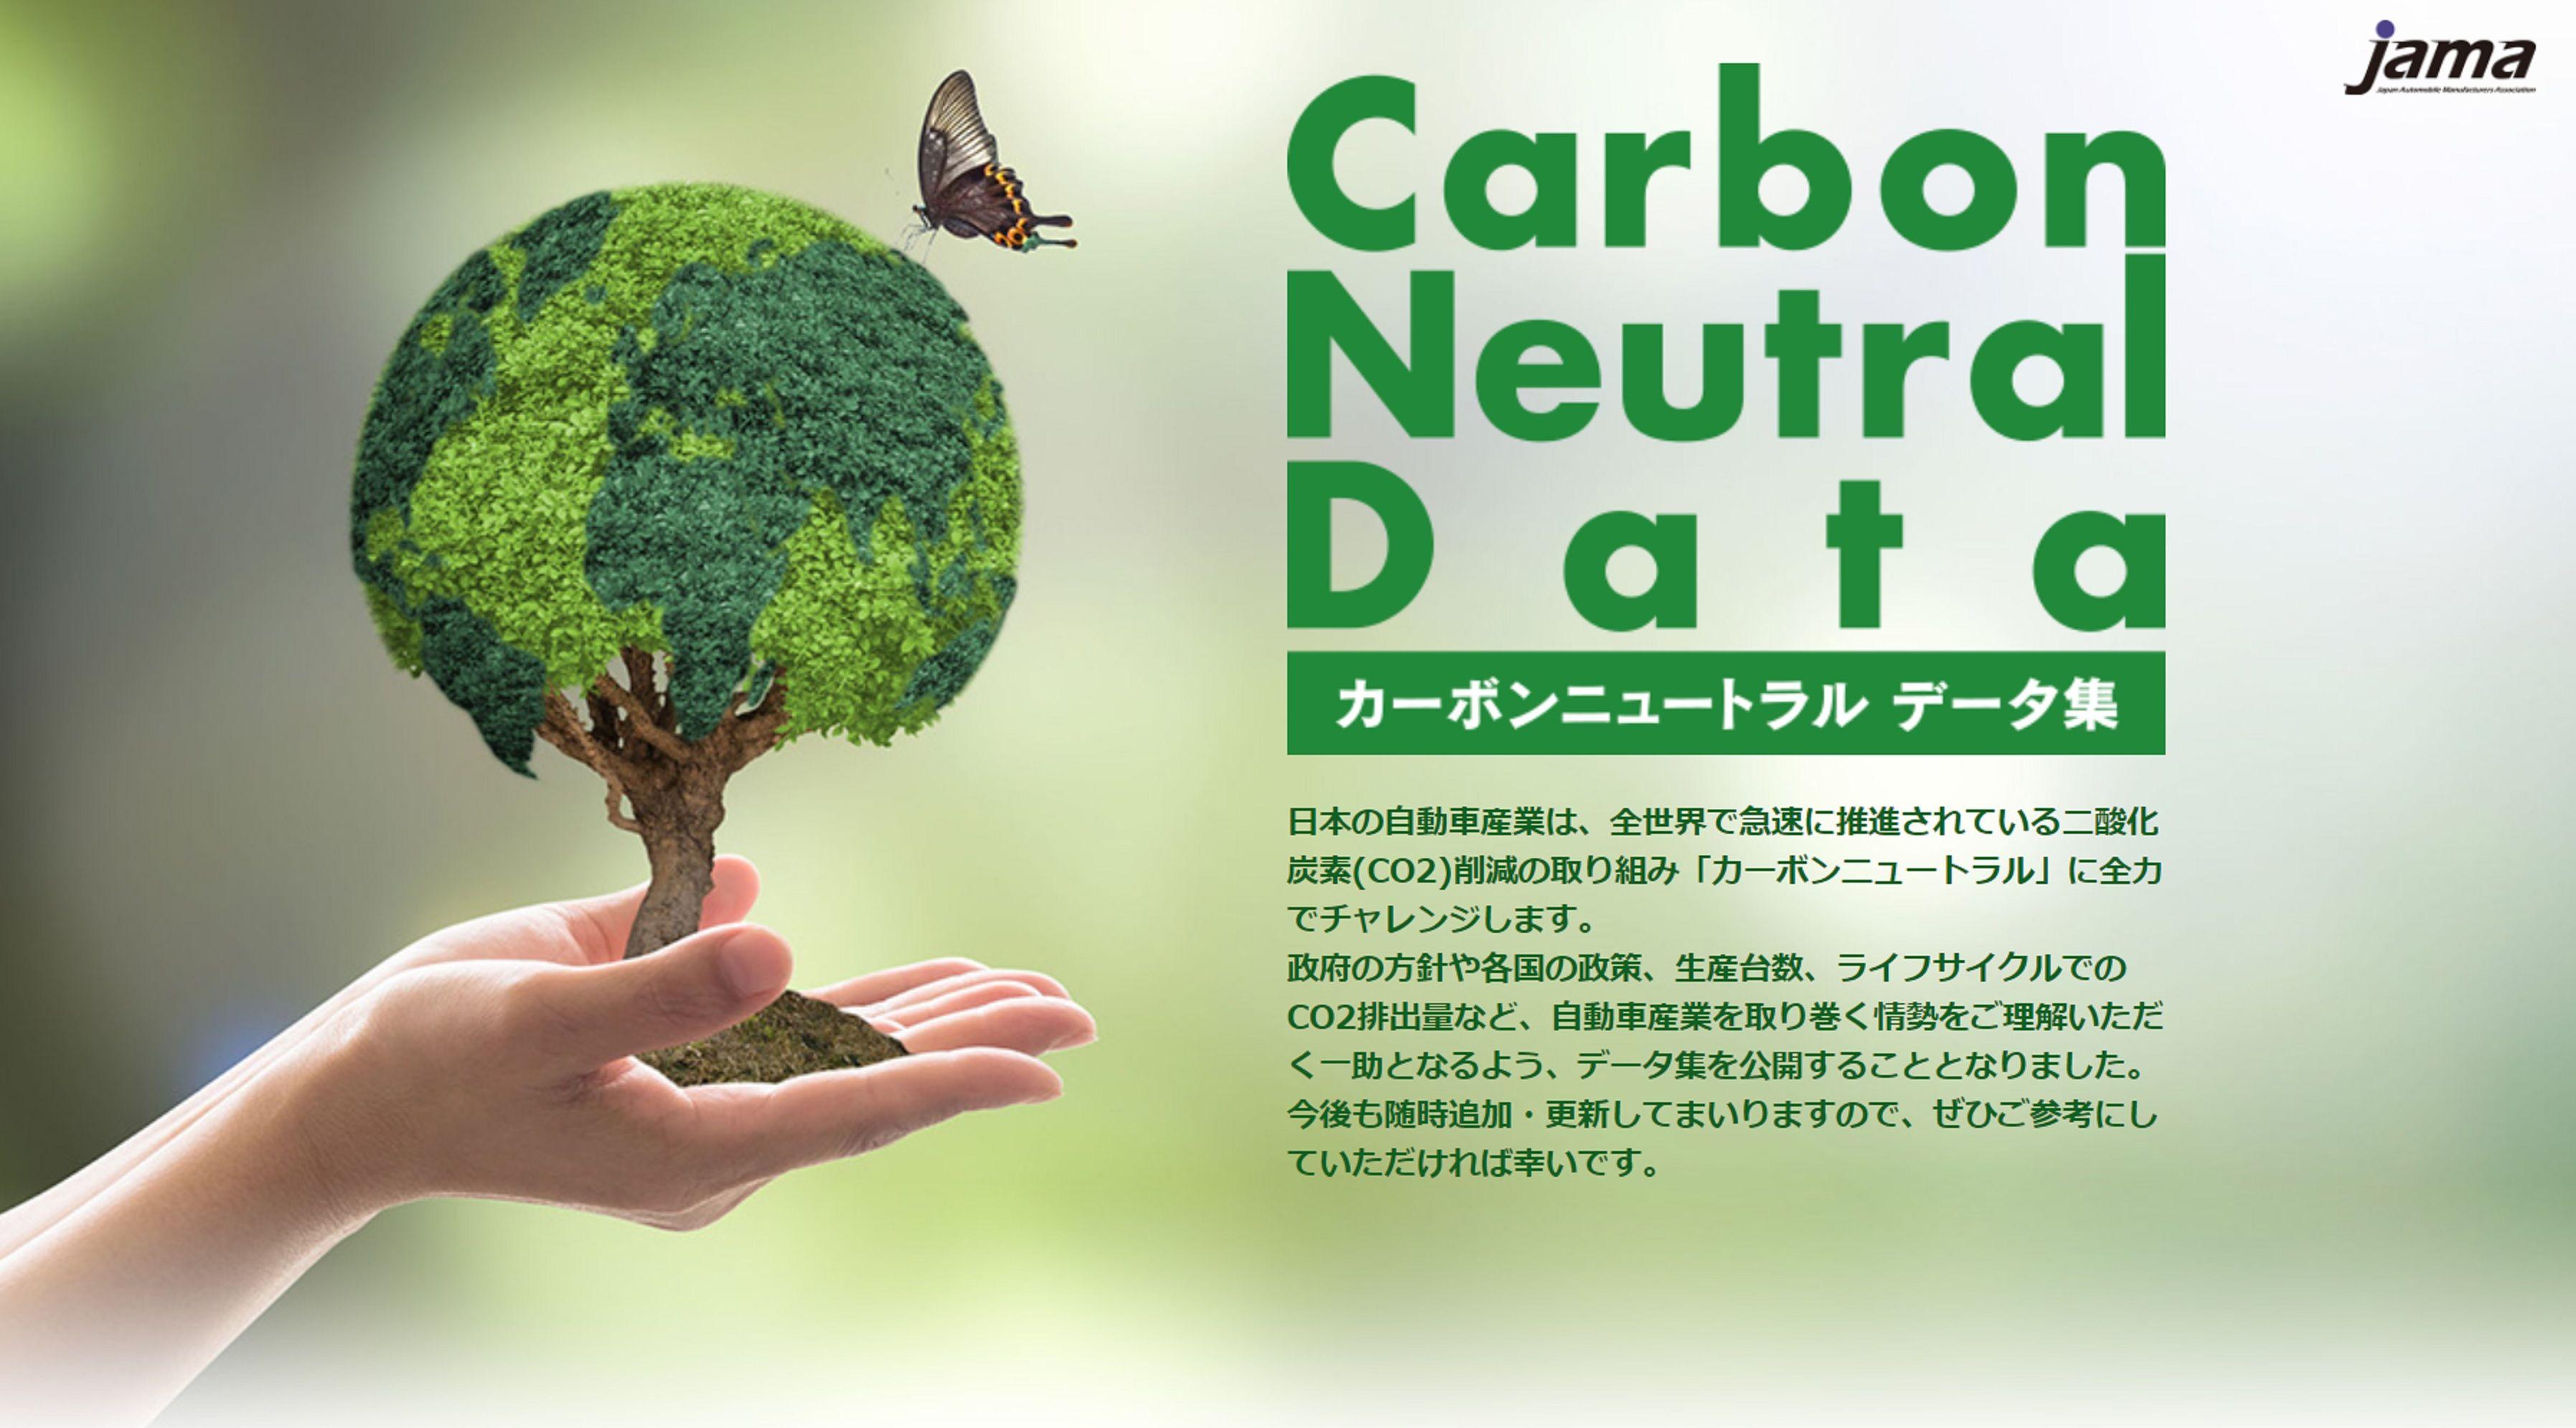 日本自動車工業会、カーボンニュートラルのデータ集をHPで公開